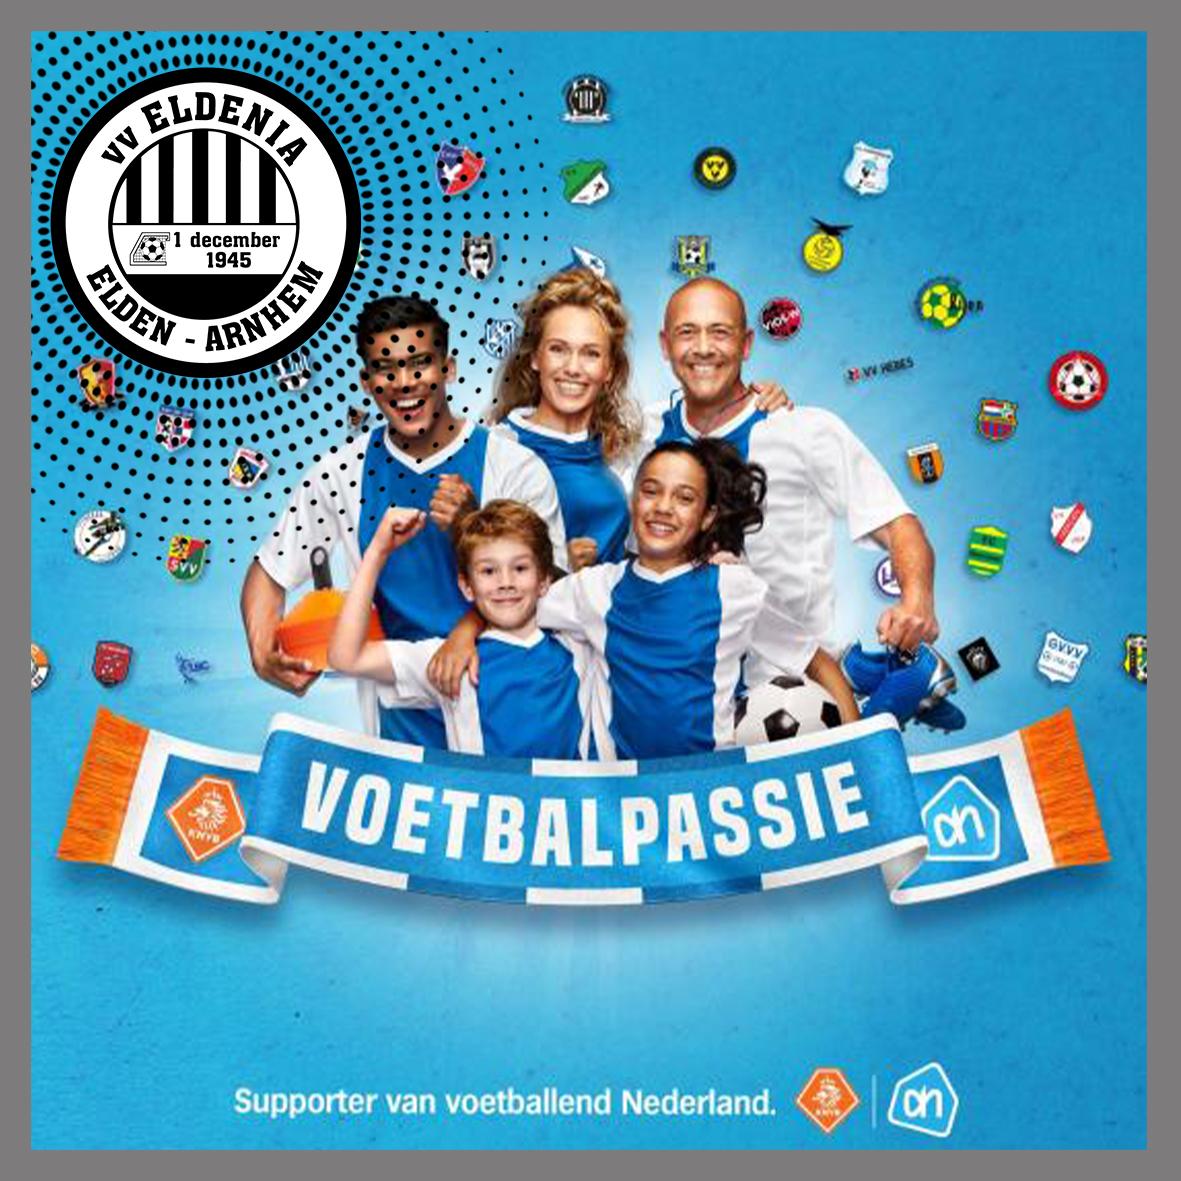 Voetbalpassie: sparen bij Albert Heijn